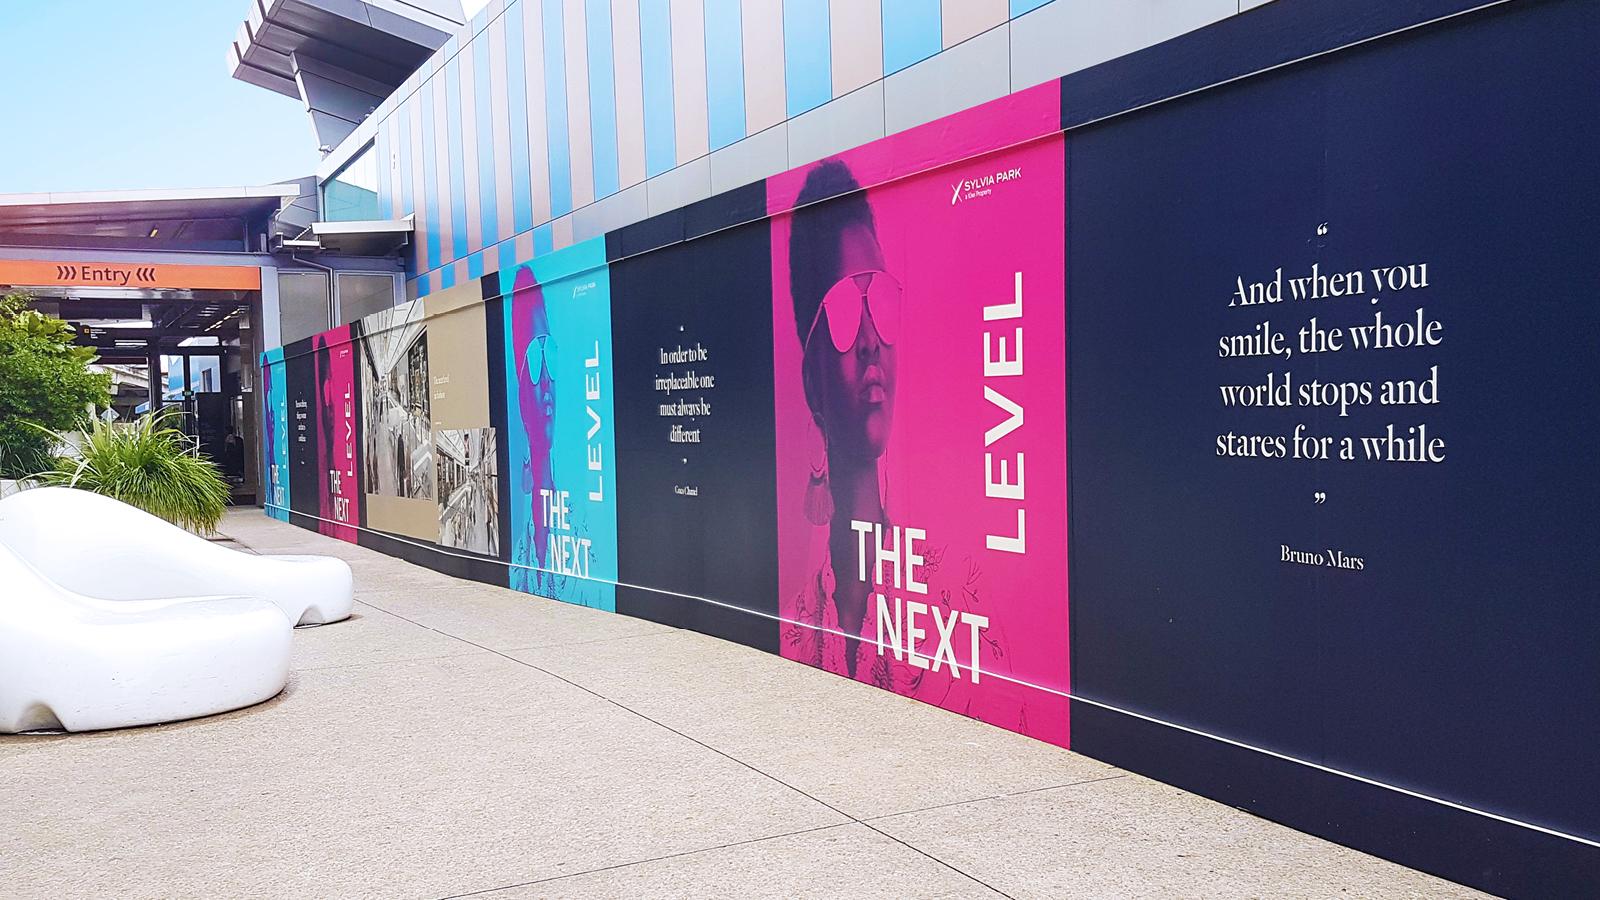 Eye-catching full length hoarding design for Sylvia Park